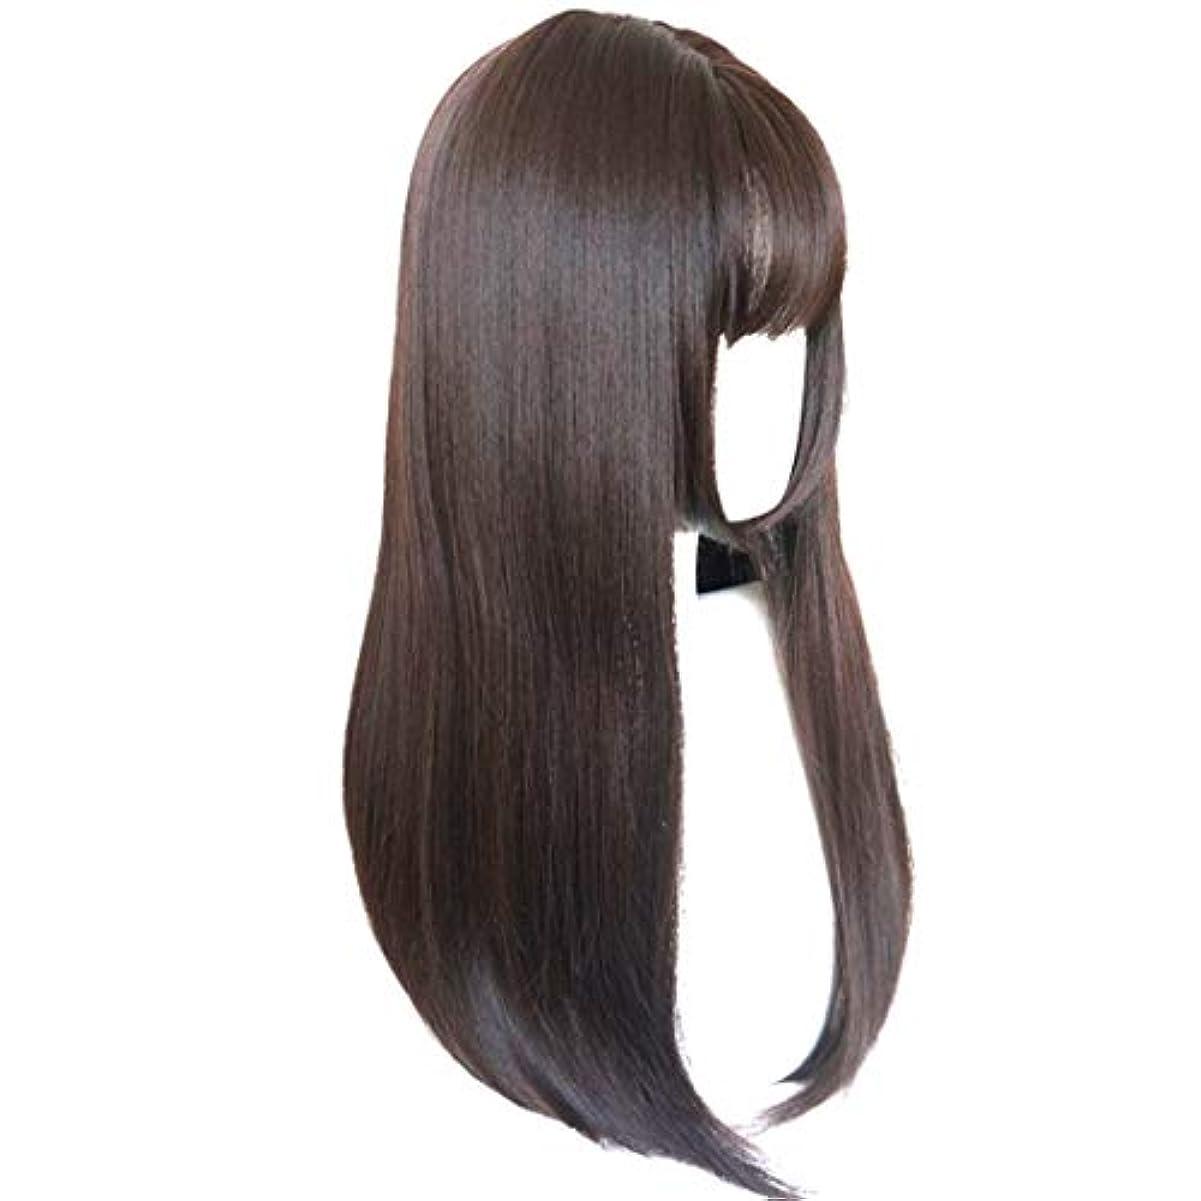 前アノイバルクKerwinner かつら完全なかつら女性のための耐熱性耐熱性でかつらストレートロング人工毛